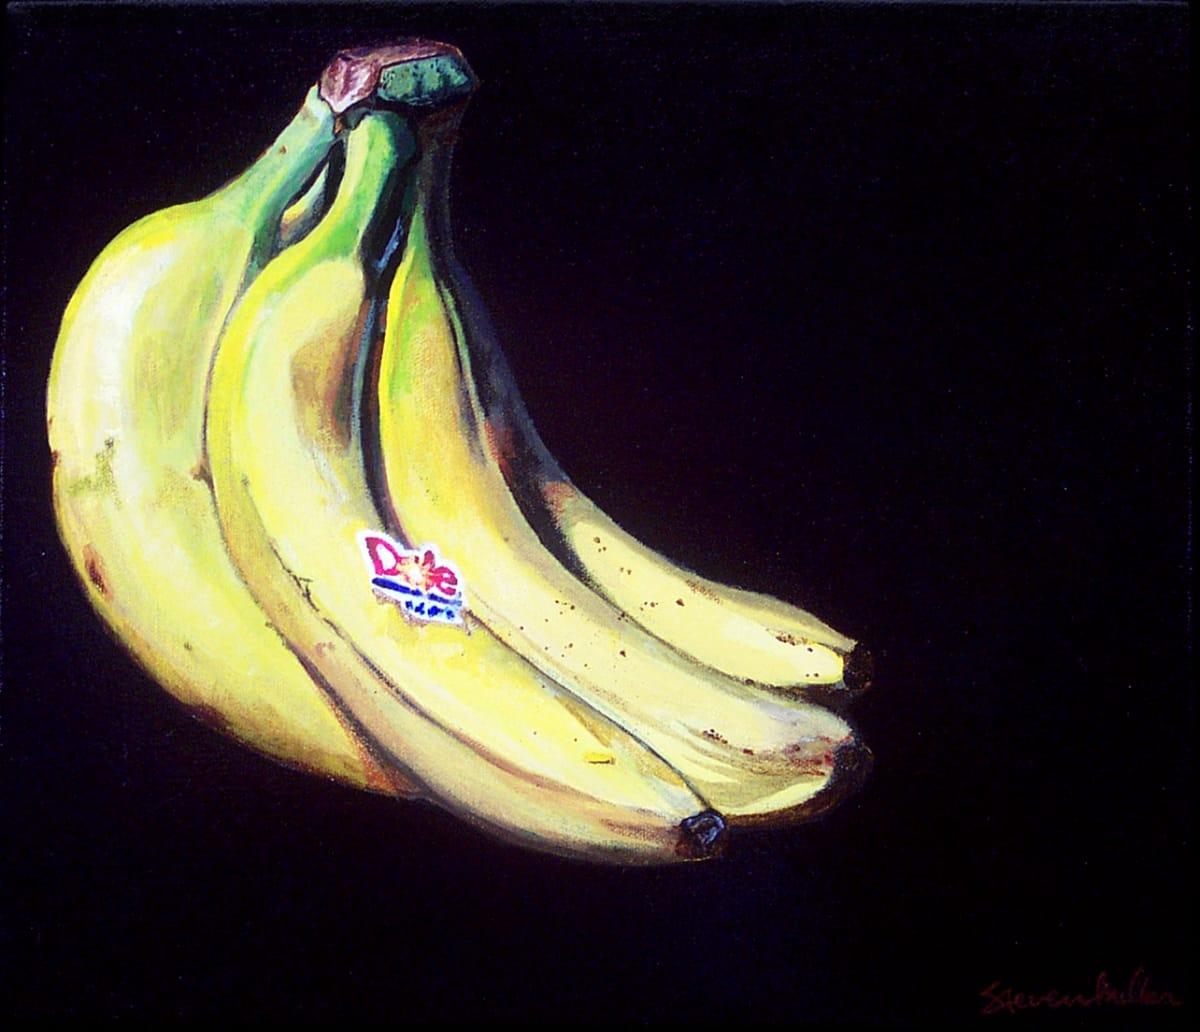 Go Bananas by Steve Miller